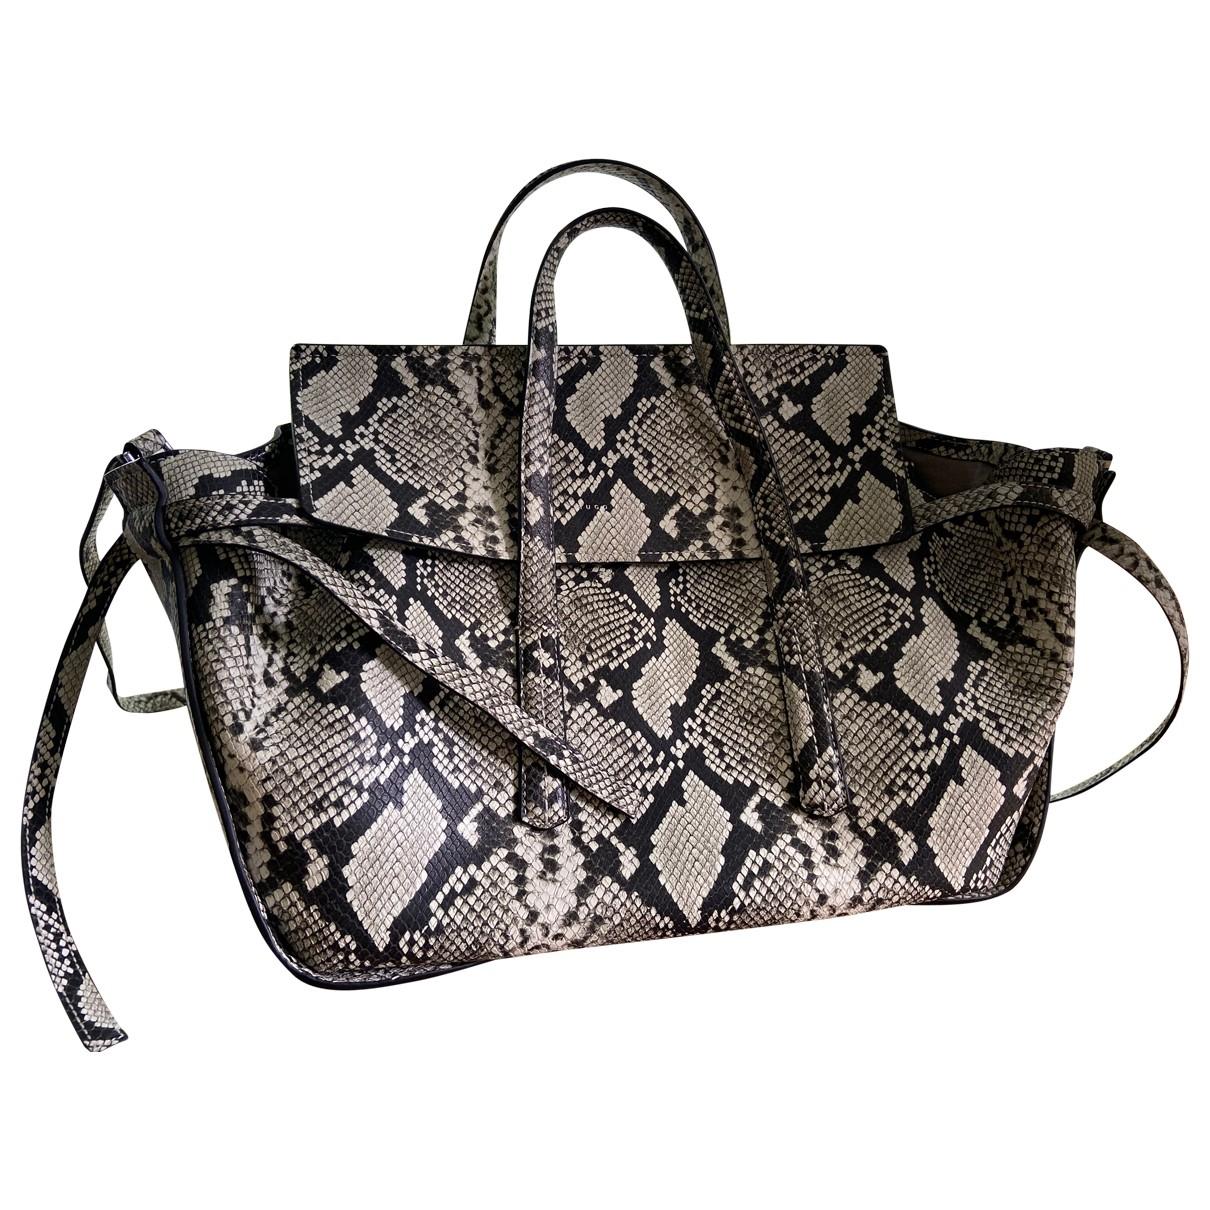 Hugo Boss \N Leather handbag for Women \N